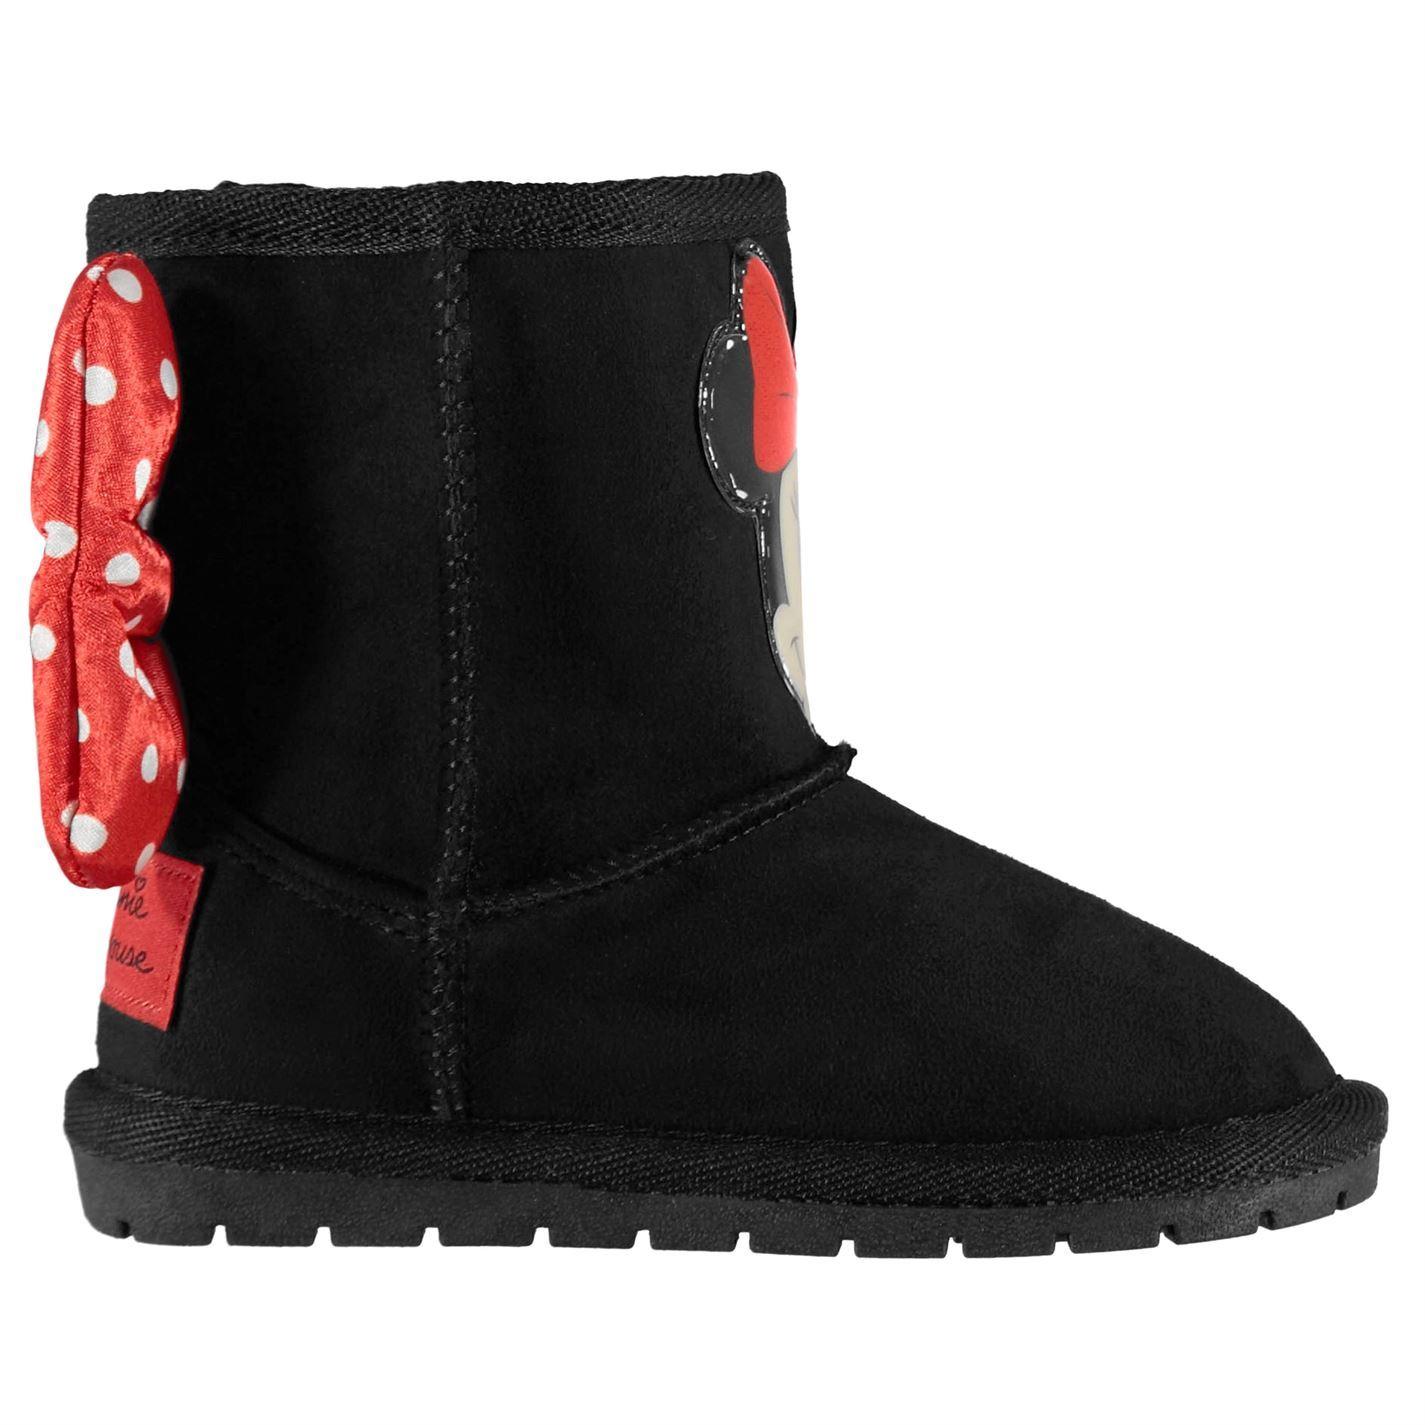 sortie en ligne grand assortiment prix compétitif Détails sur Minnie Mouse Hug Snug Bottes Fille Enfant Rouge/Noir Chaussures